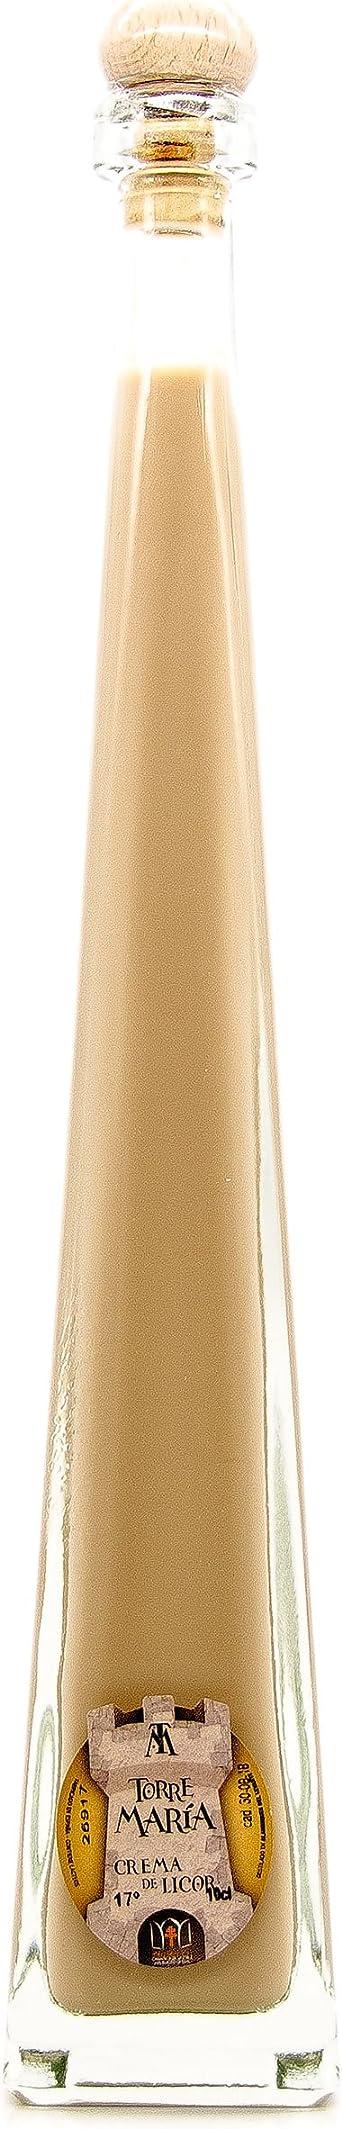 Botellita Miniatura de Crema de Licor Torre María | botella ...